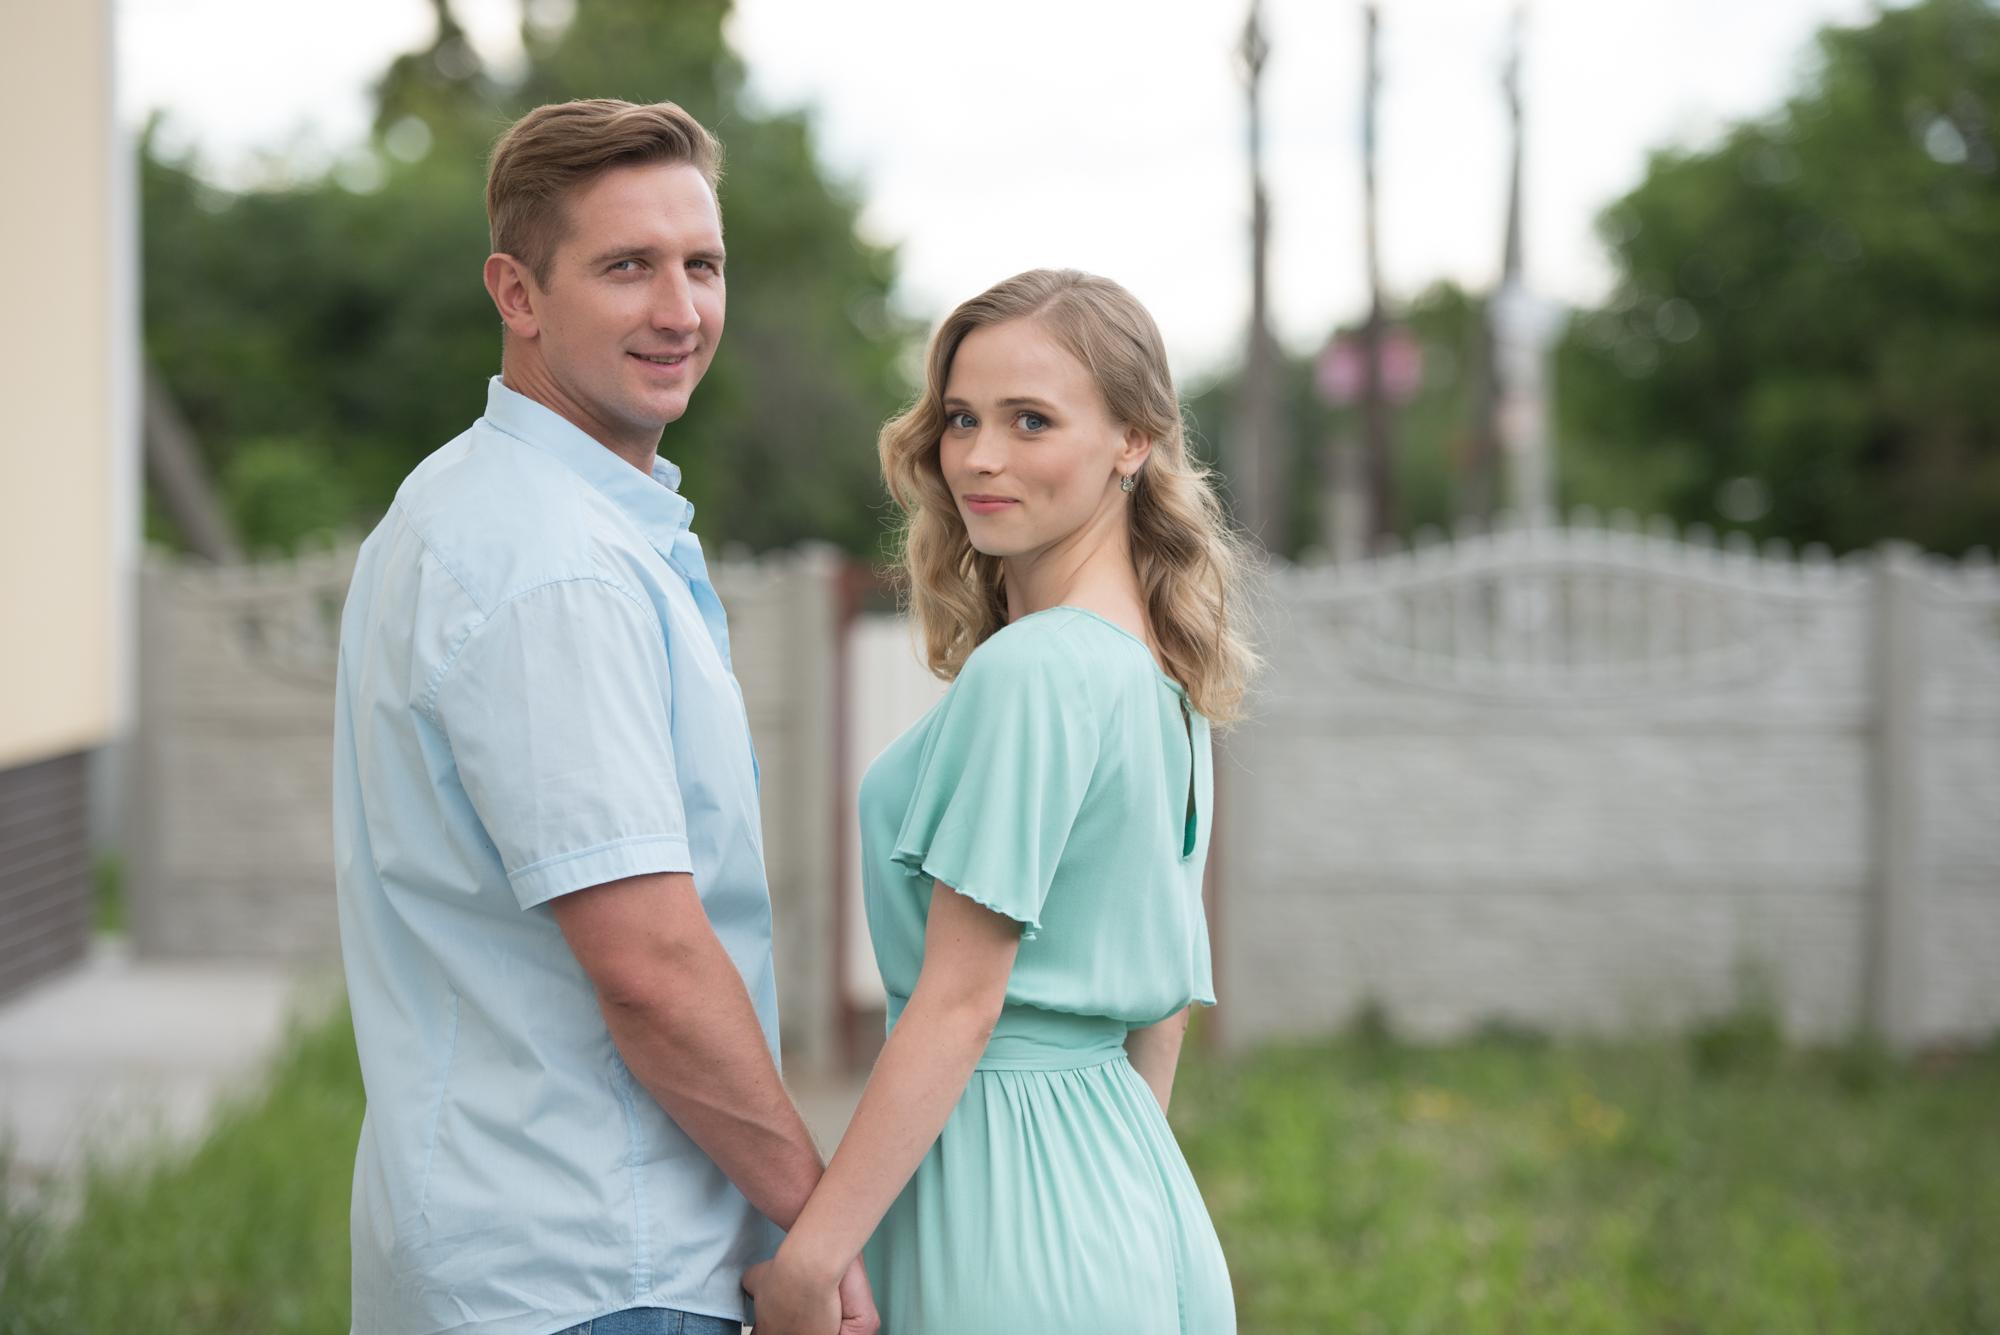 Муж Анны Кошмал - фото, личная жизнь, свадьба, дети